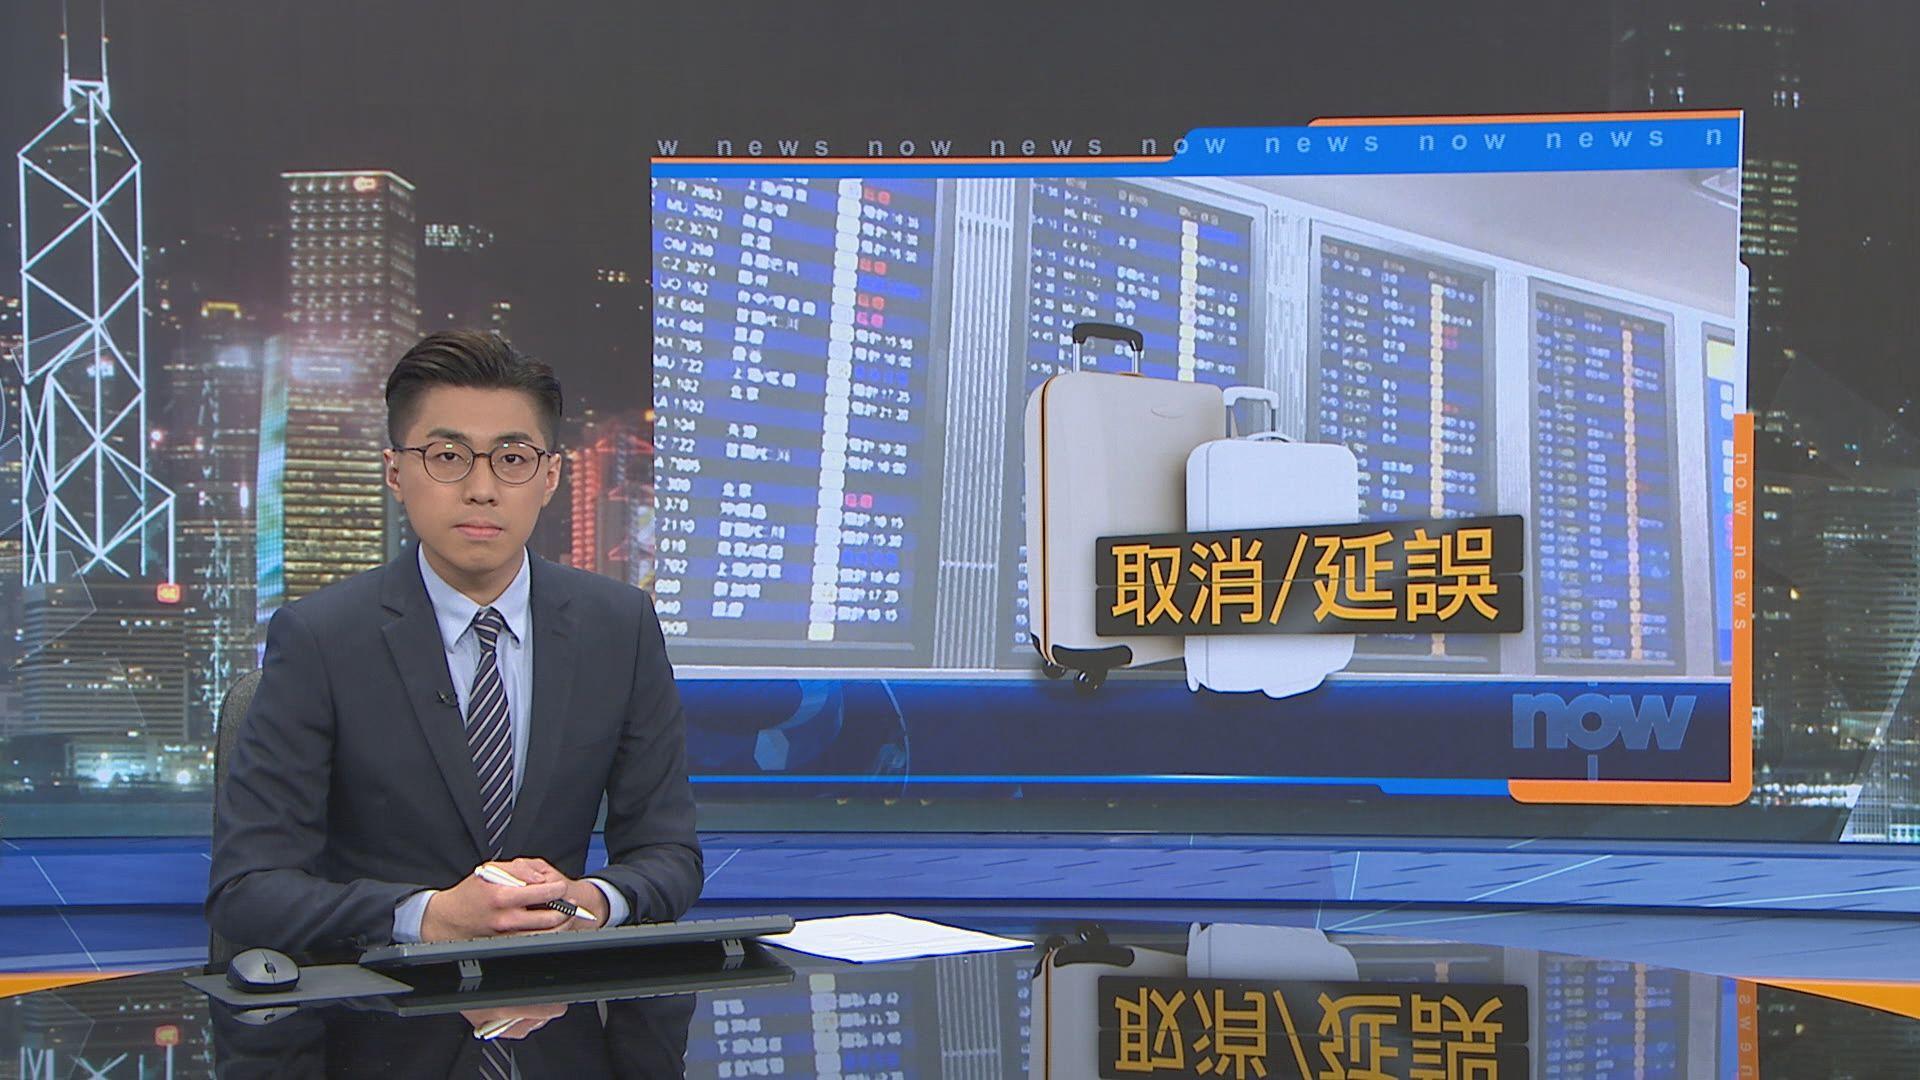 多班往來香港及日本的航班取消或延誤